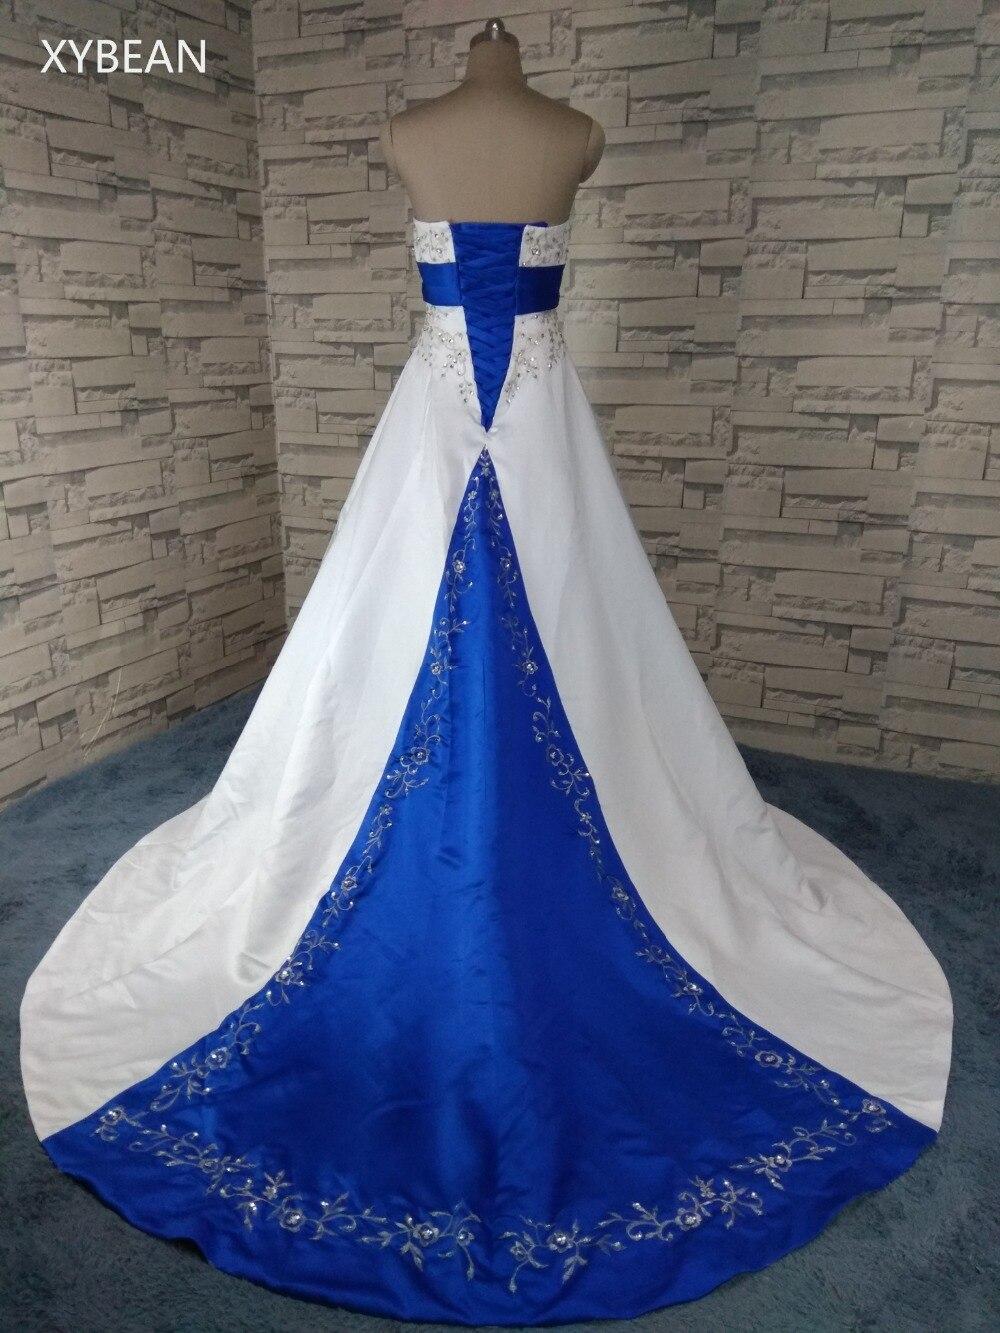 2018 livraison gratuite perles broderie une ligne bretelles avec Train bleu et blanc robes de mariée - 2